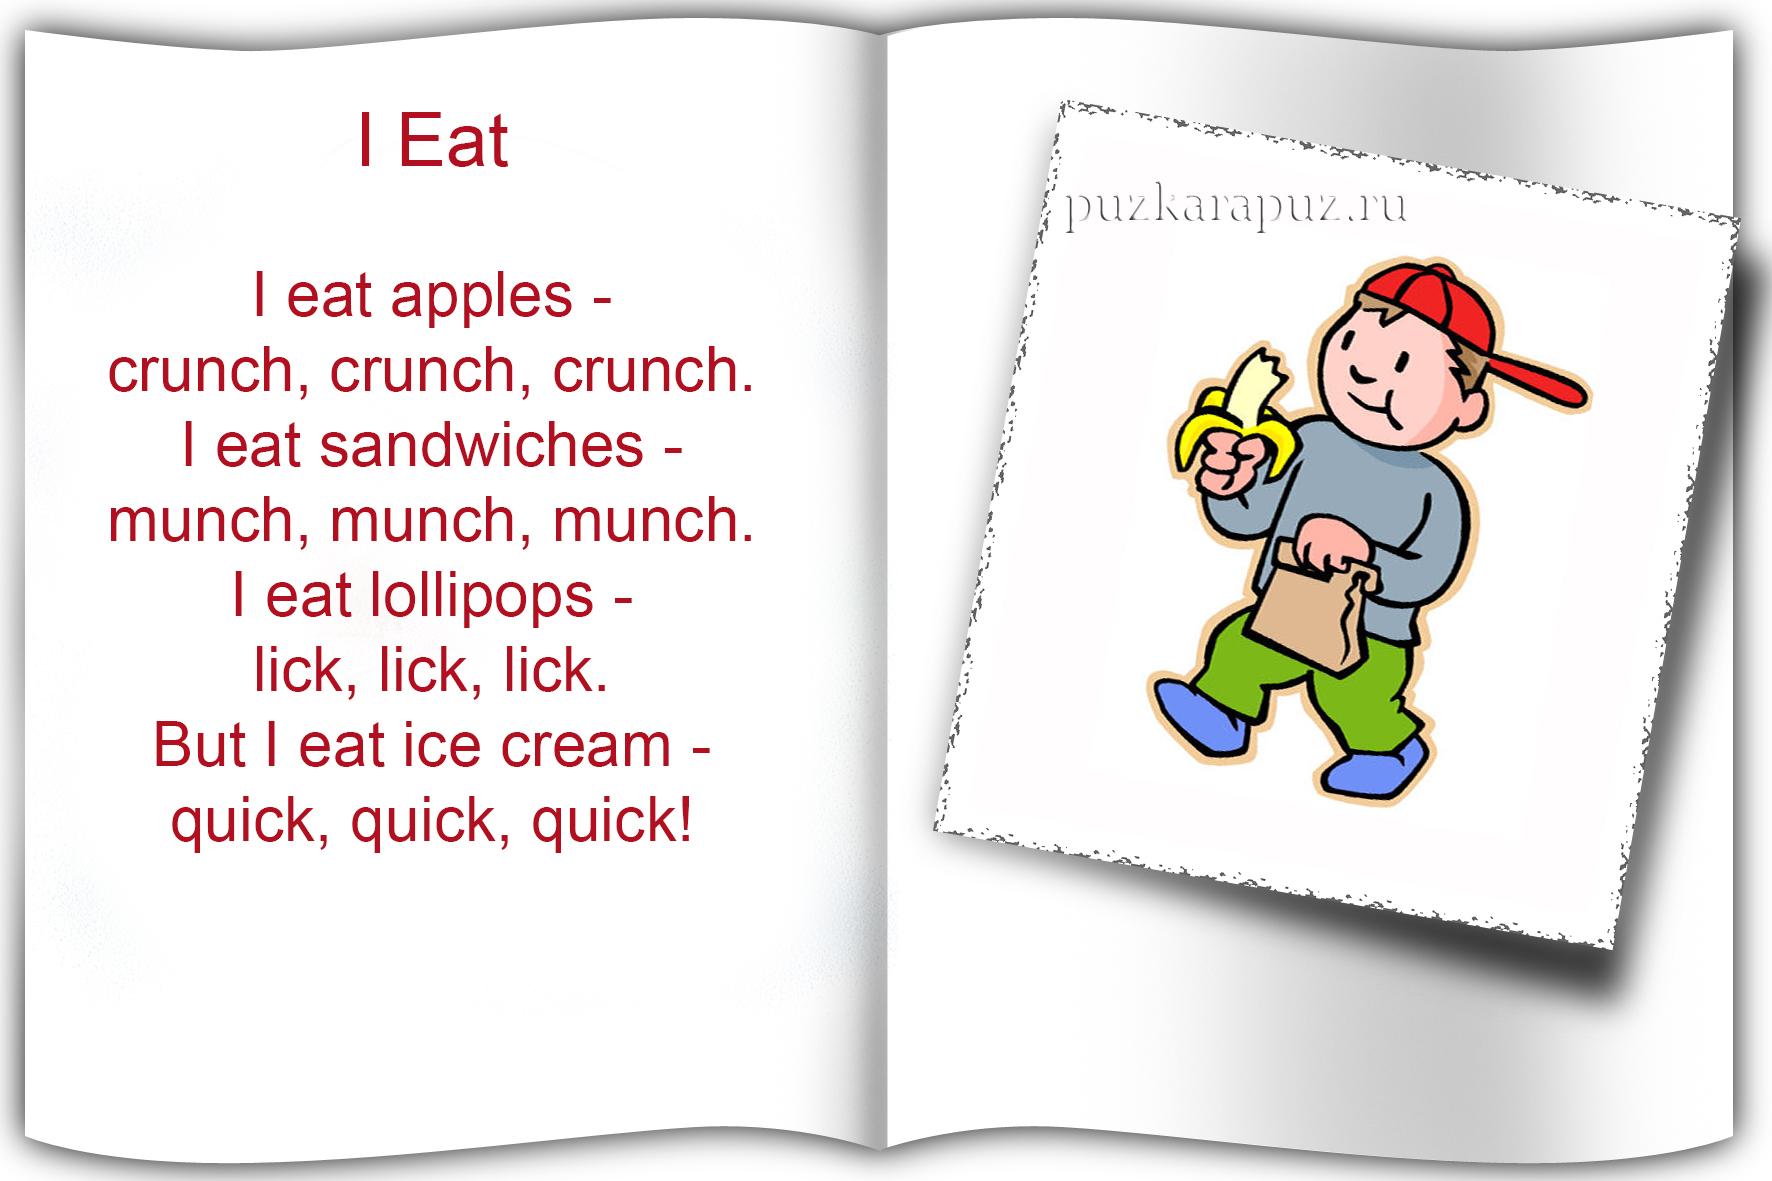 сочинение на тему еда на английском языке